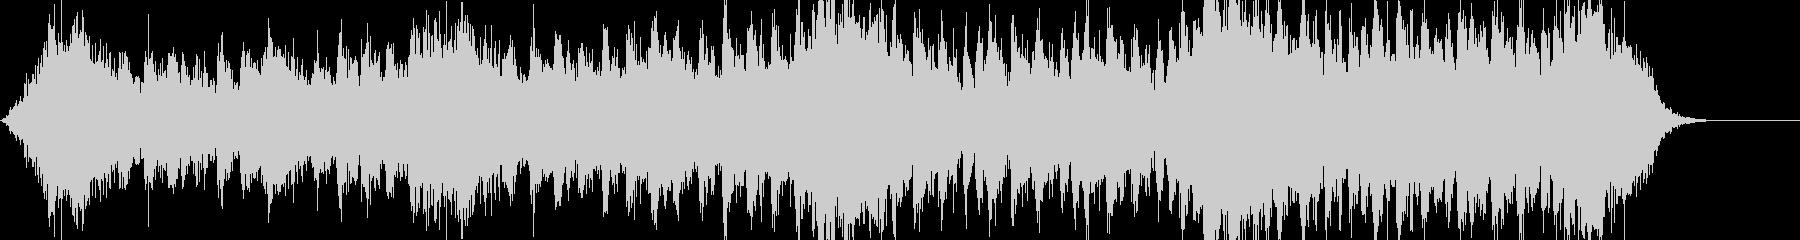 シネマティックなジングルの未再生の波形